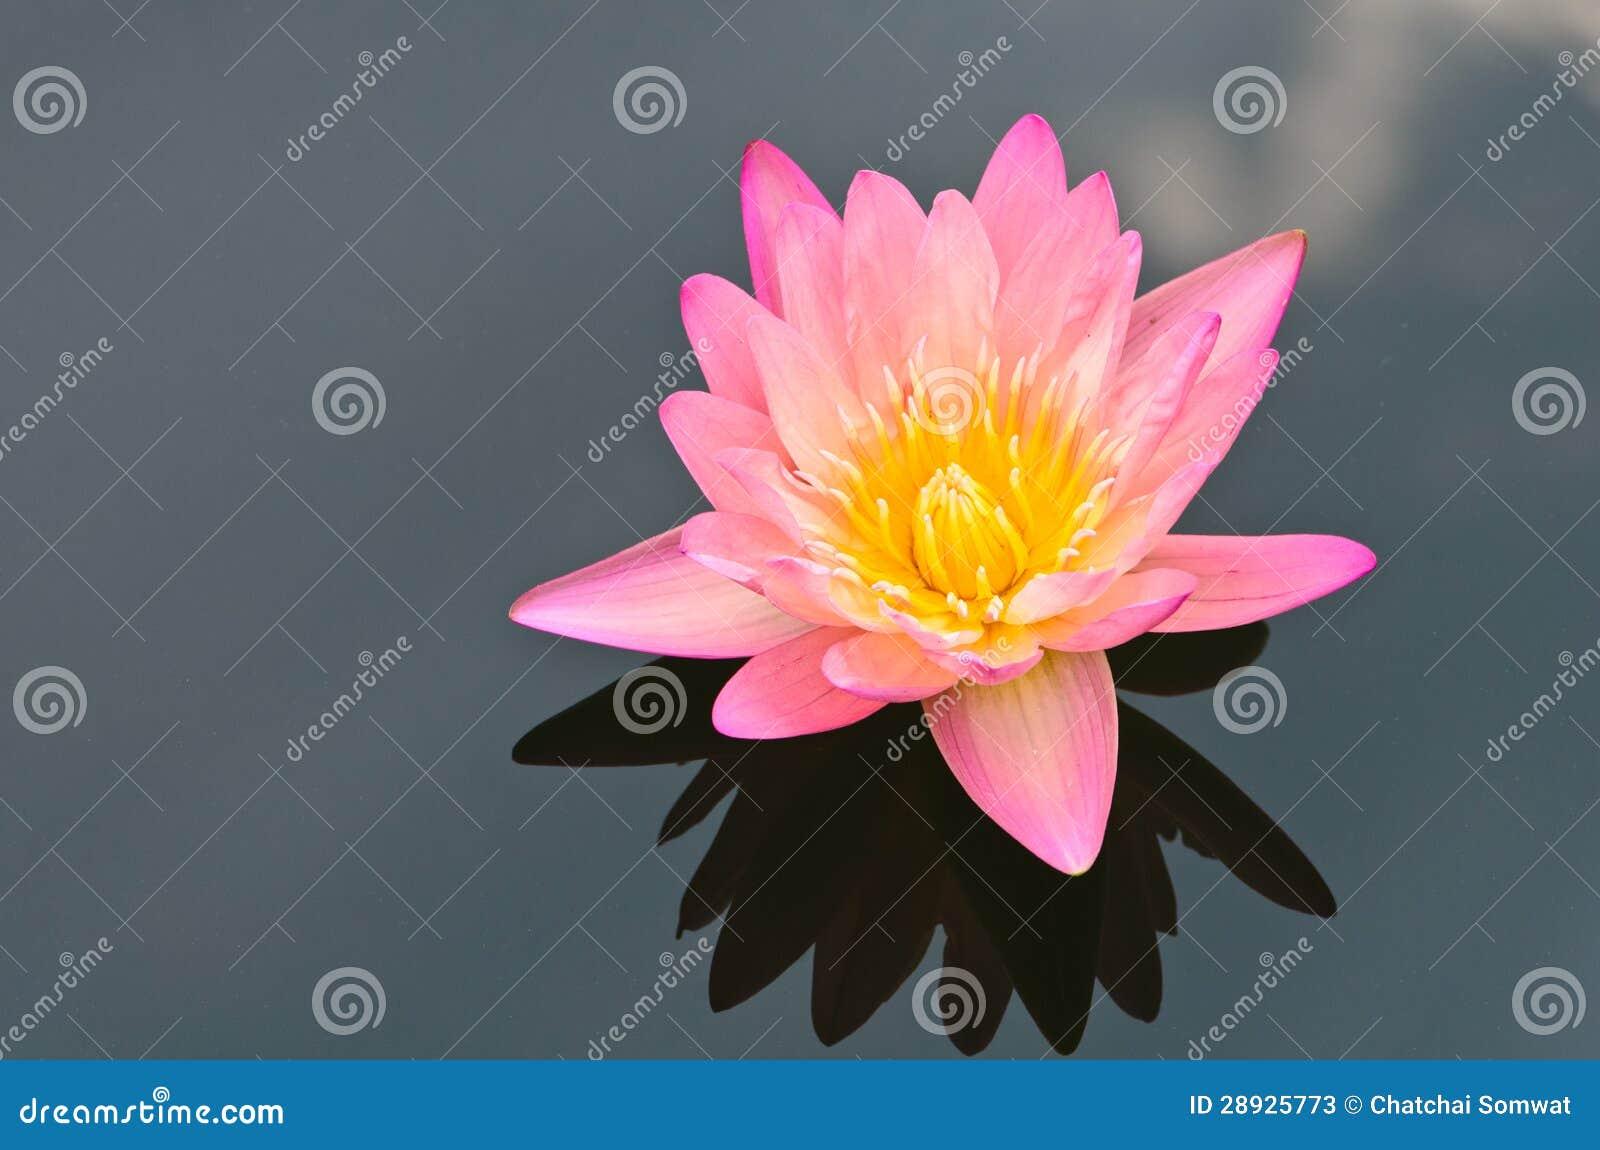 La flor de loto rosada.